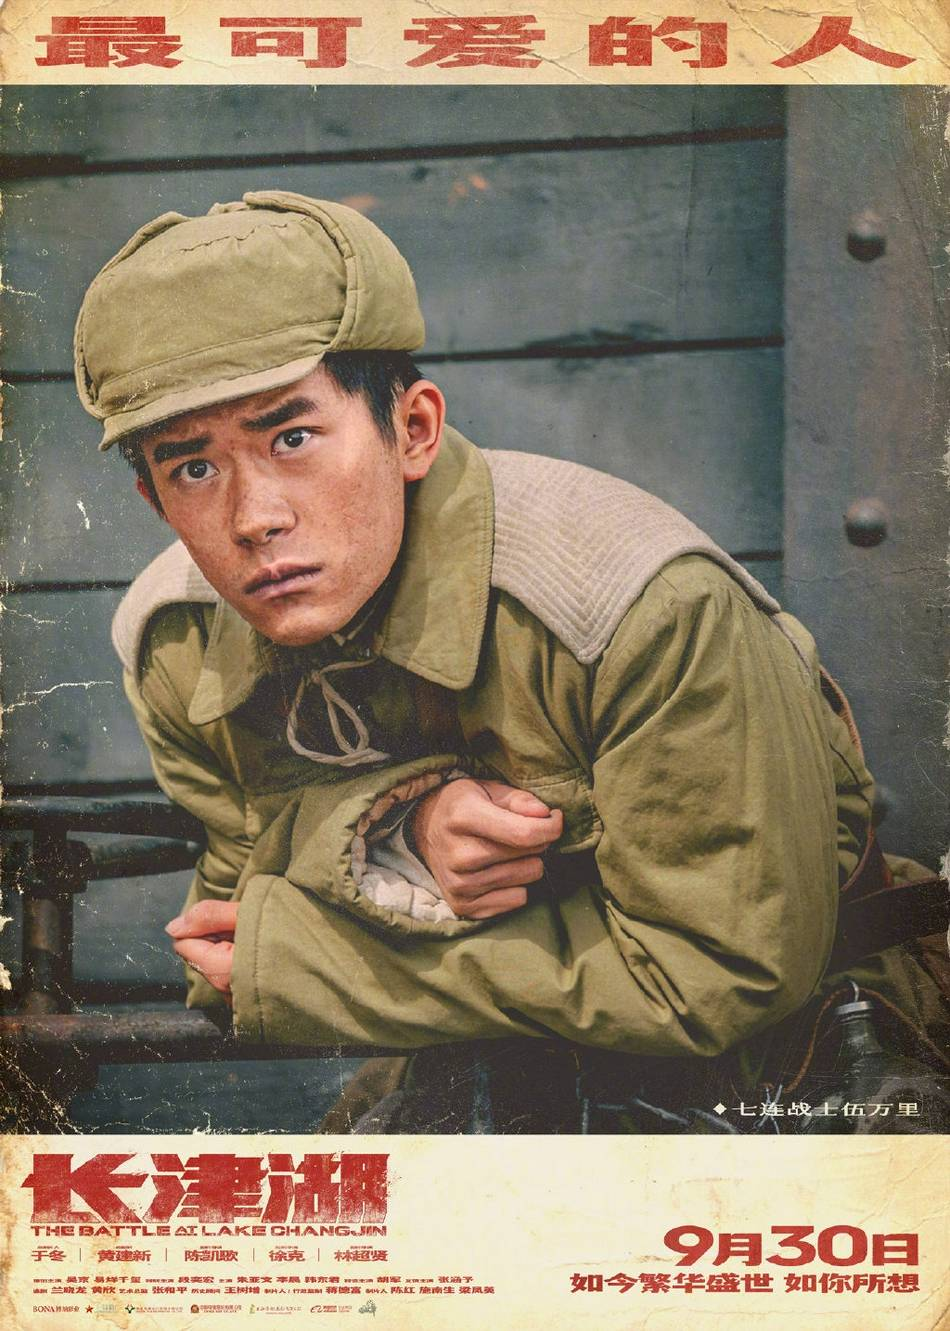 电影《长津湖》释出全新定档海报 正式宣布定档9月30日